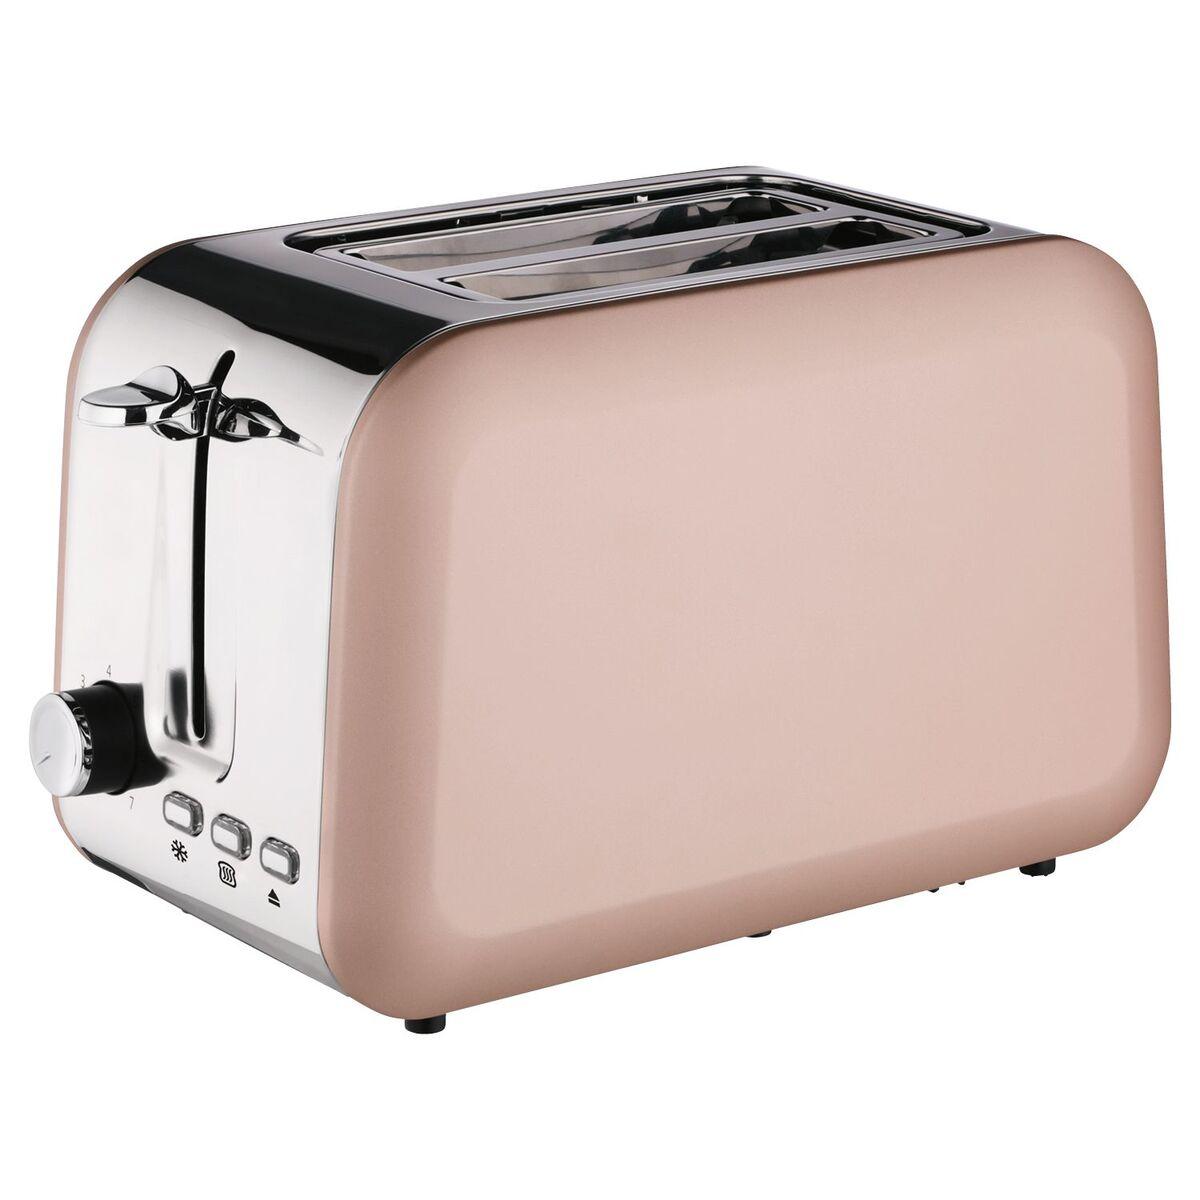 Bild 4 von AMBIANO®  Edelstahl-Toaster